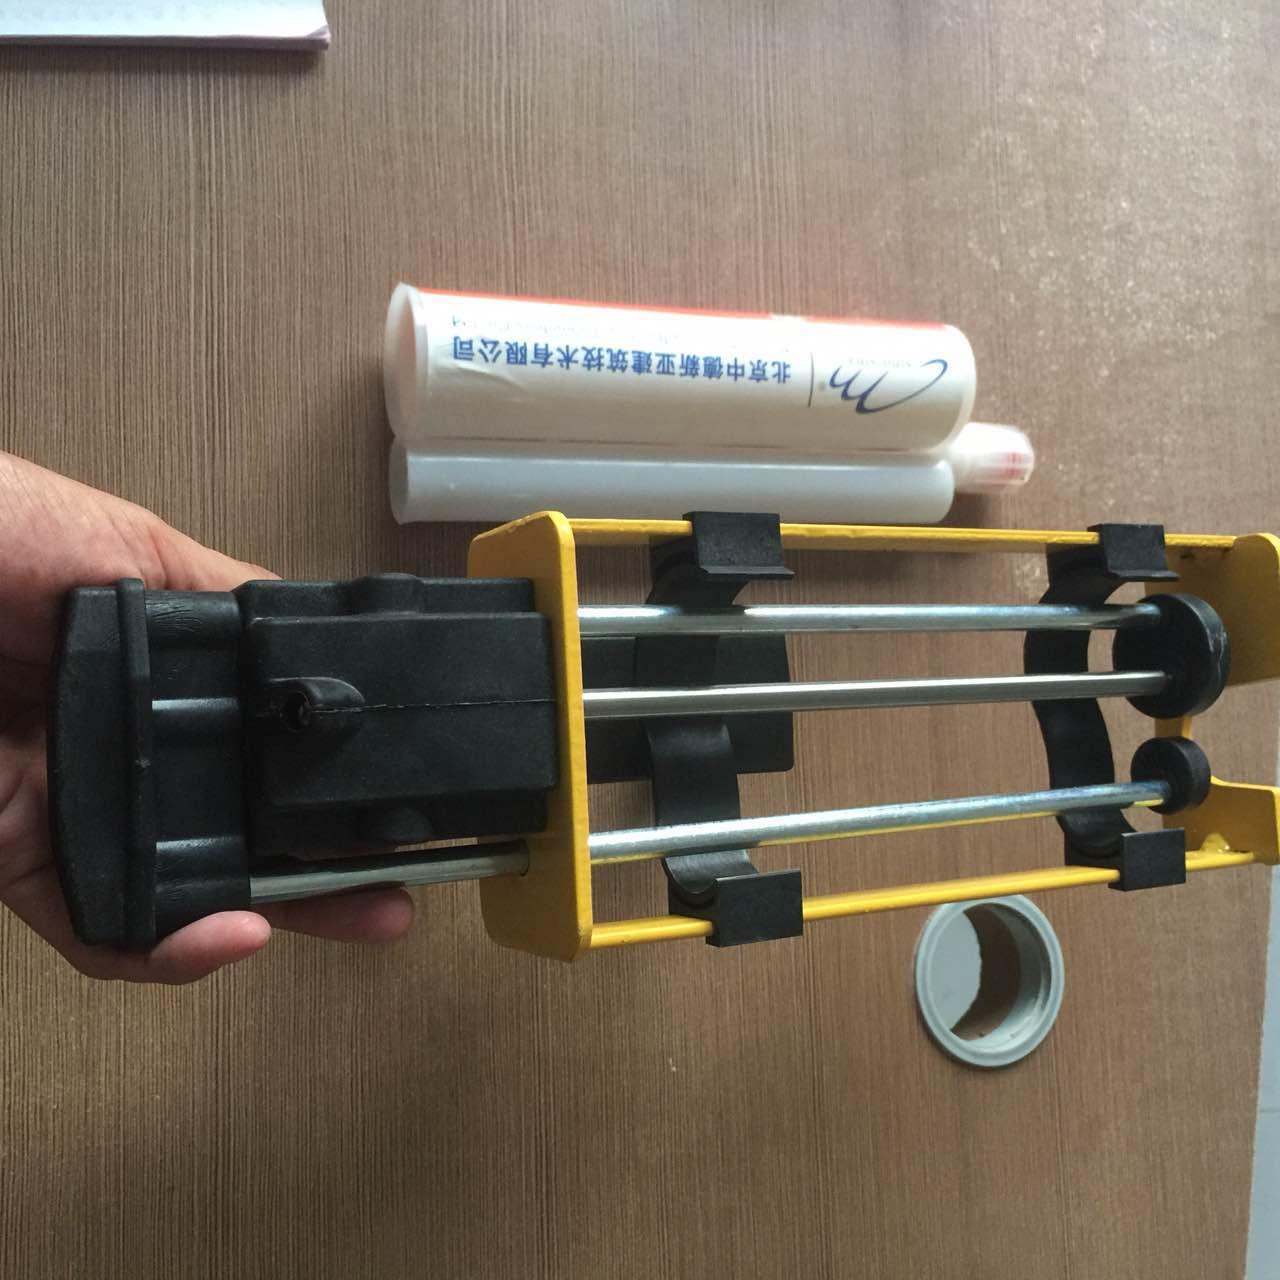 注射式植筋胶和桶装植筋胶哪个好用 分析